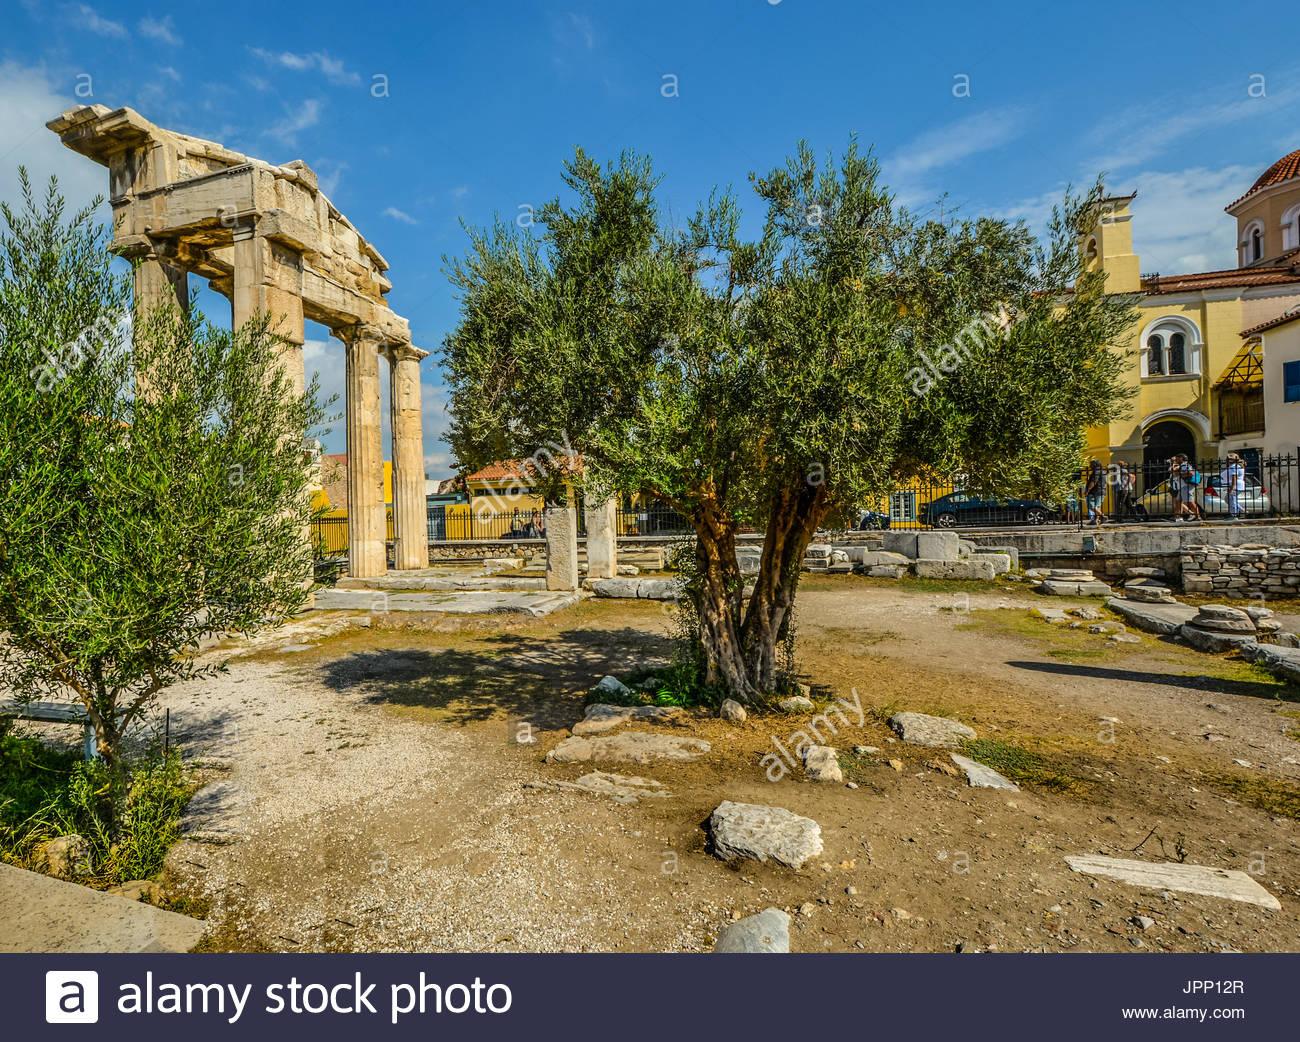 La Puerta de Atenea Archegetis en el Ágora Romana de Atenas Grecia en un cálido día de verano con un olivo en primer plano Imagen De Stock